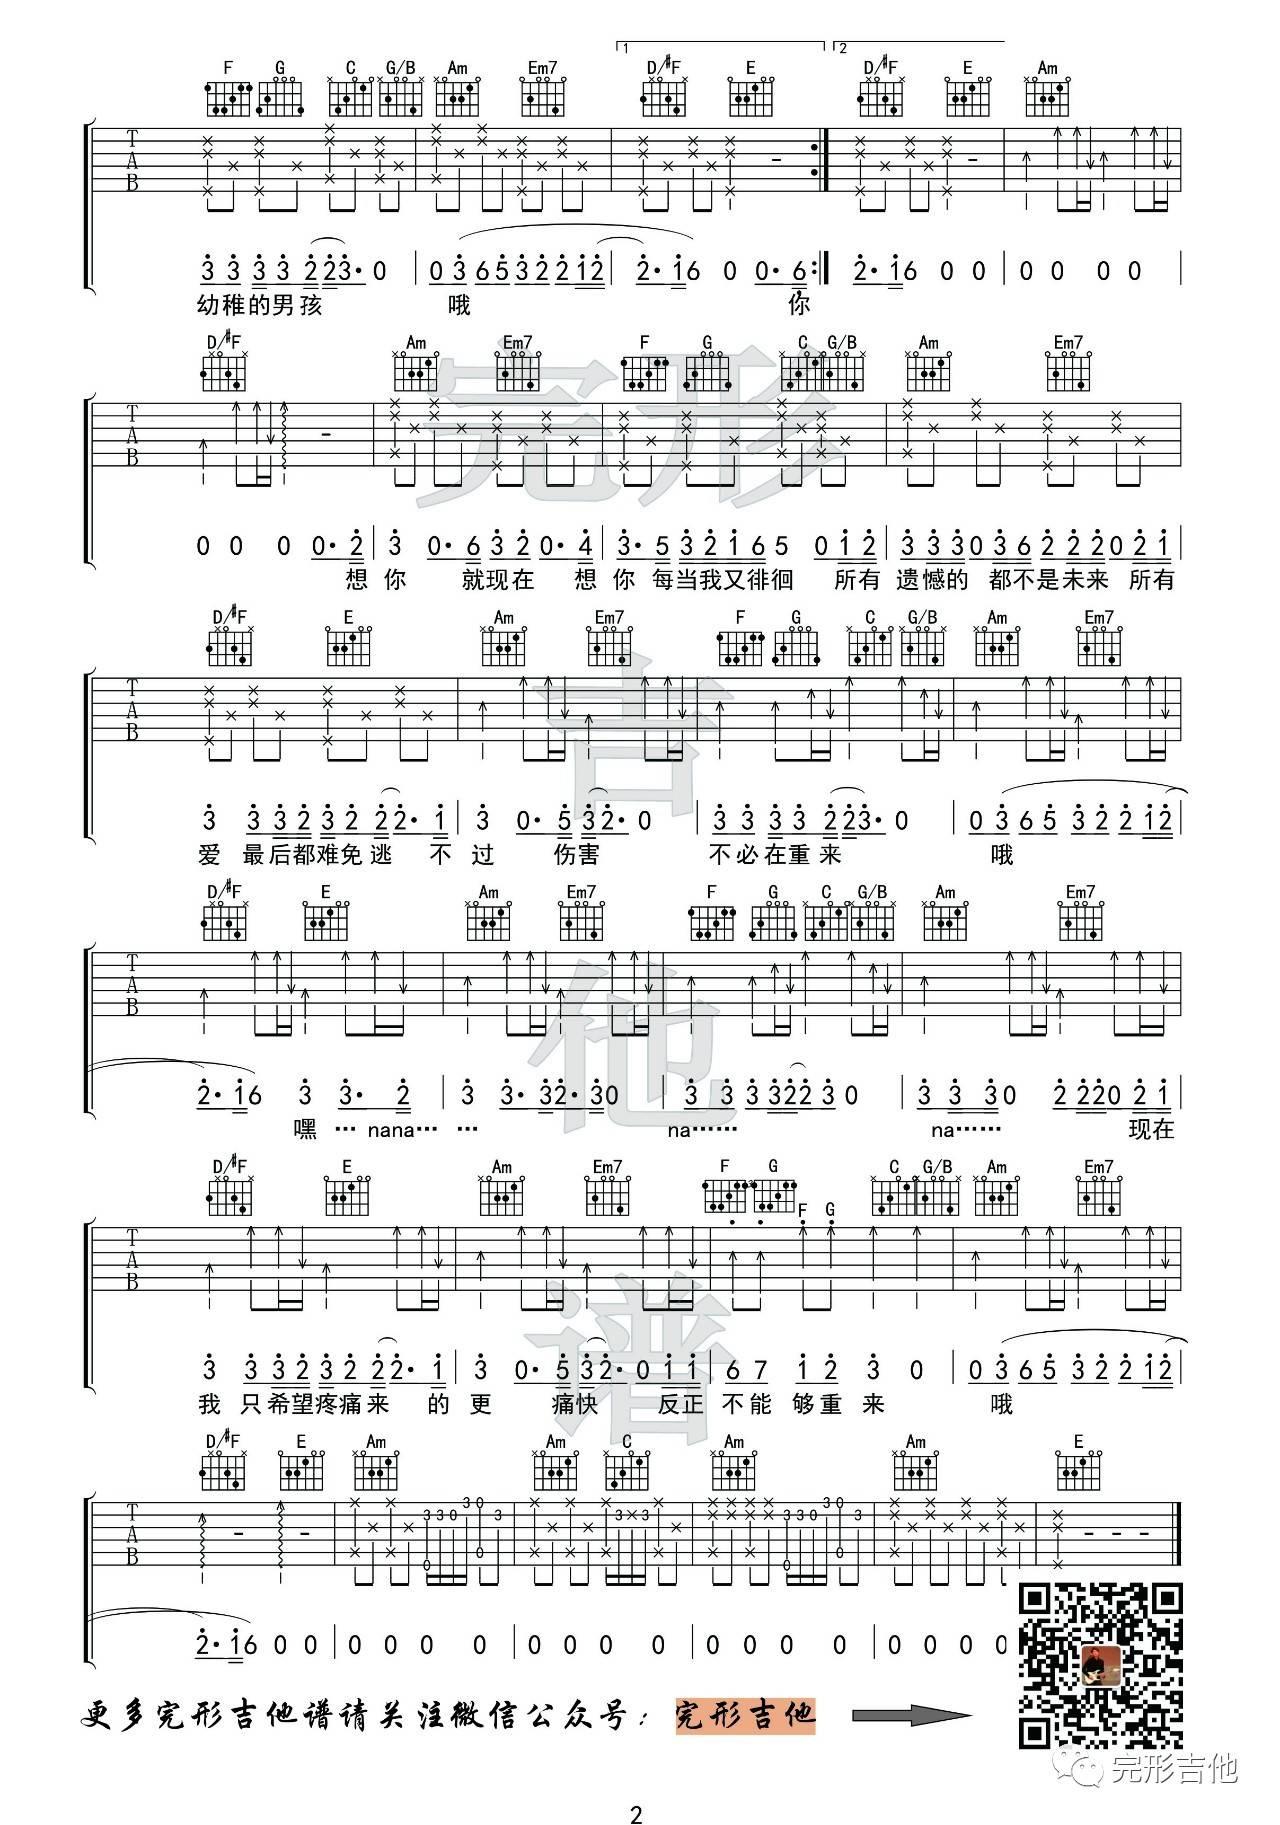 吉他派《男孩》吉他谱完形吉他版-2